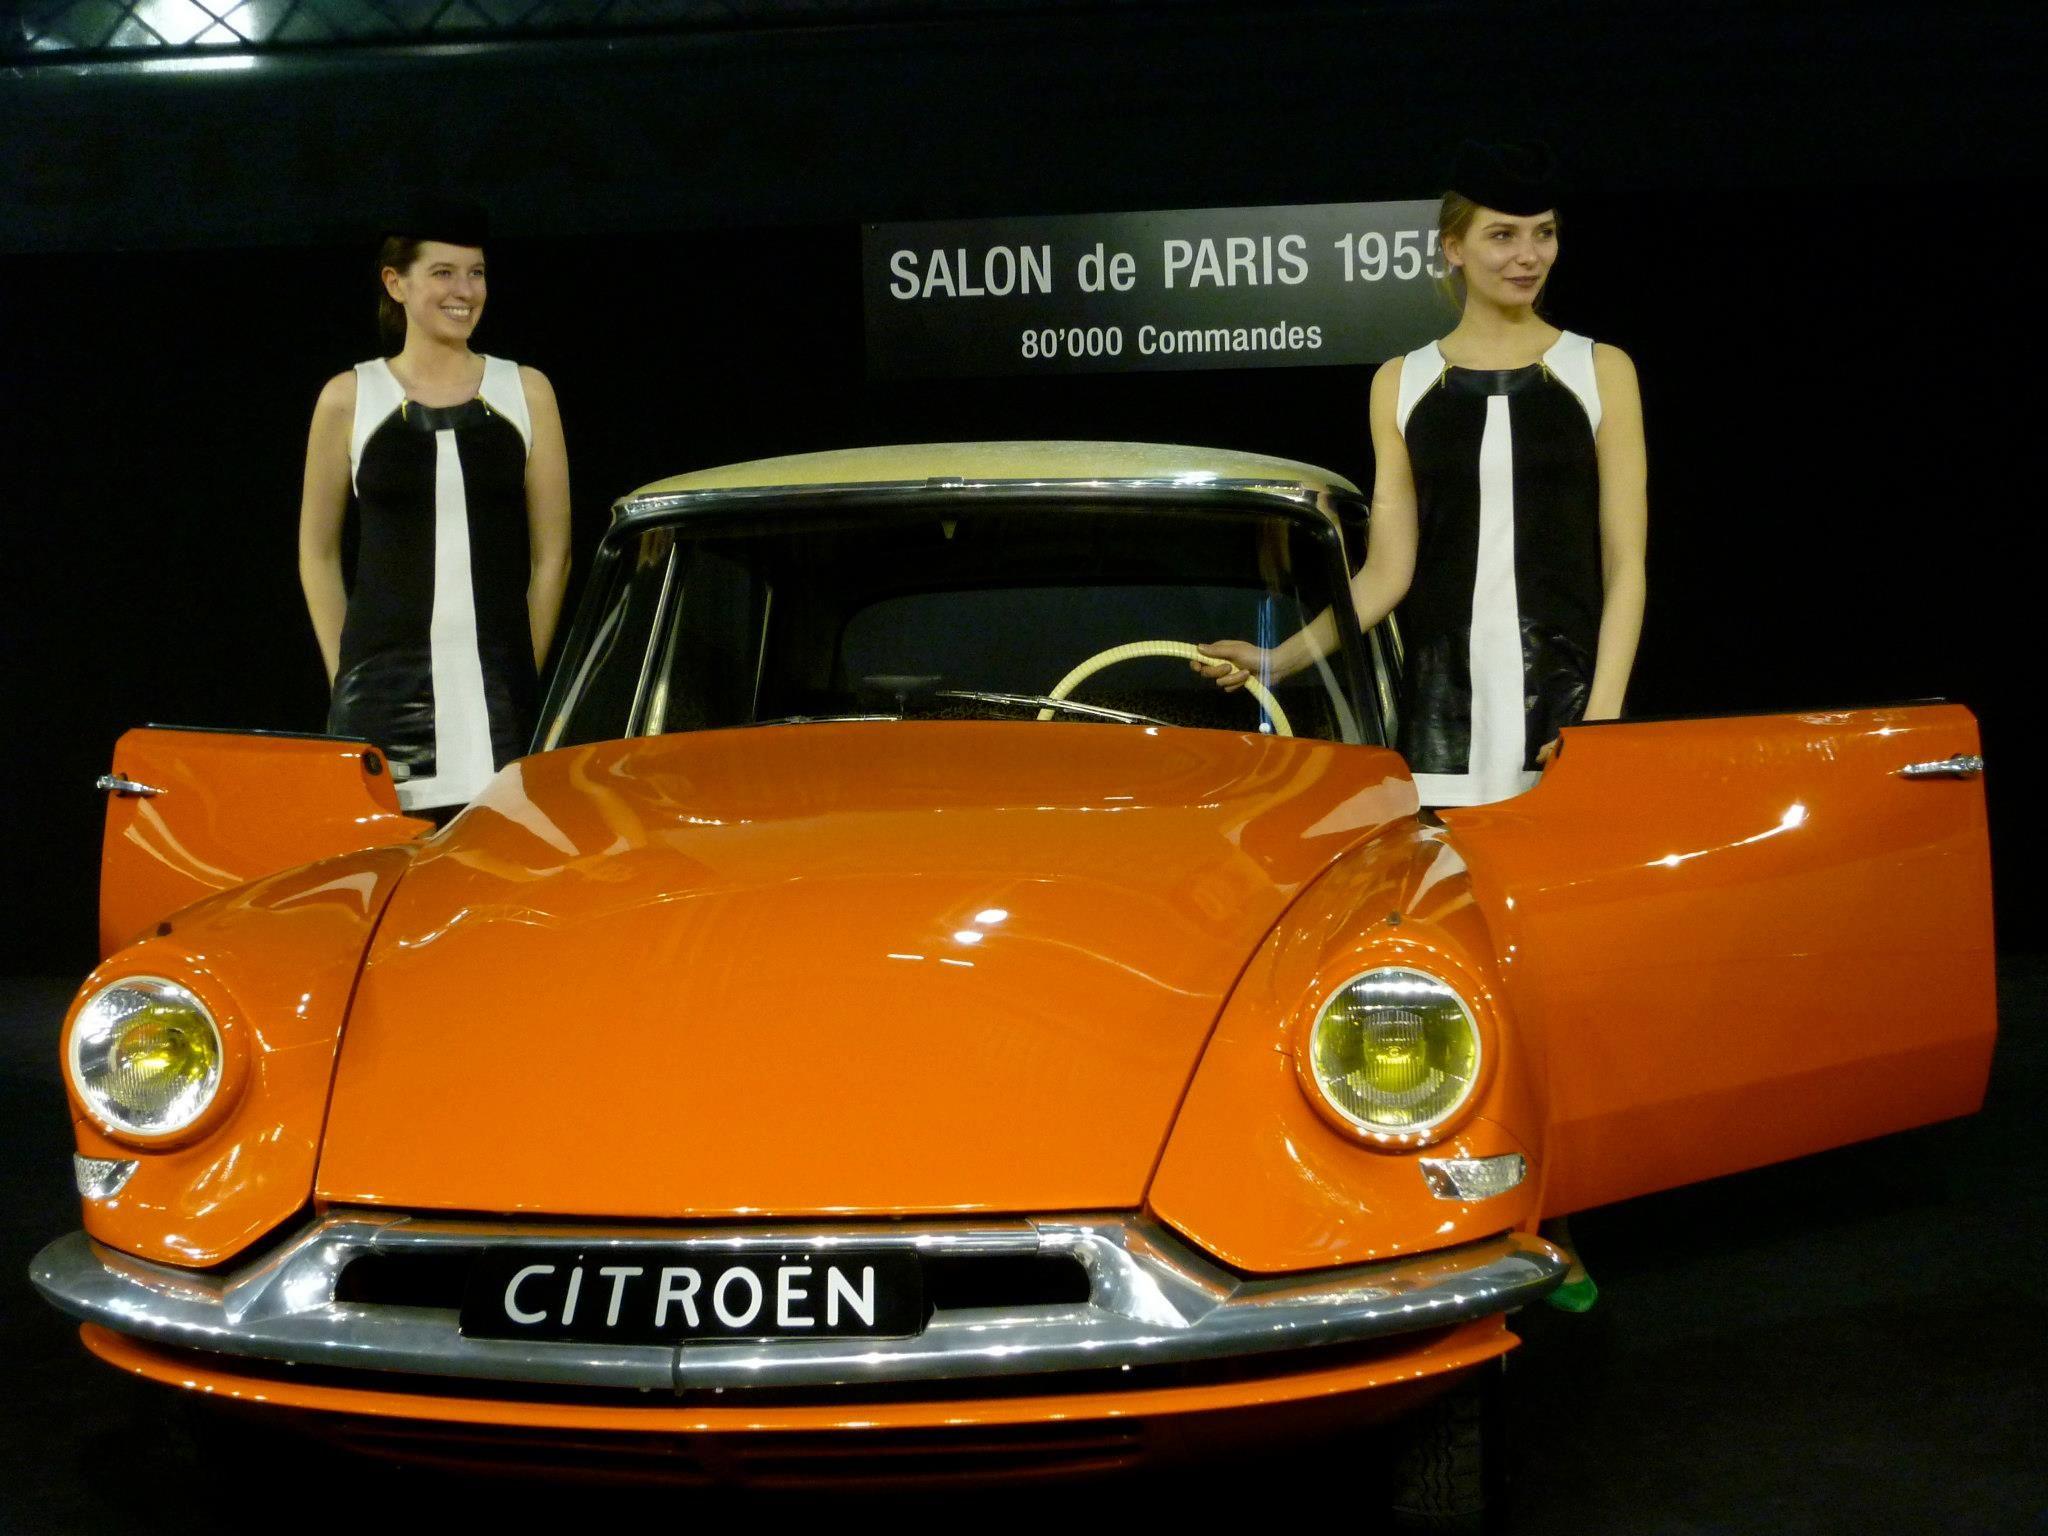 Citron DS19 1955 millsimes 195681962 Lattraction du Salon de lAutomobile Paris 510